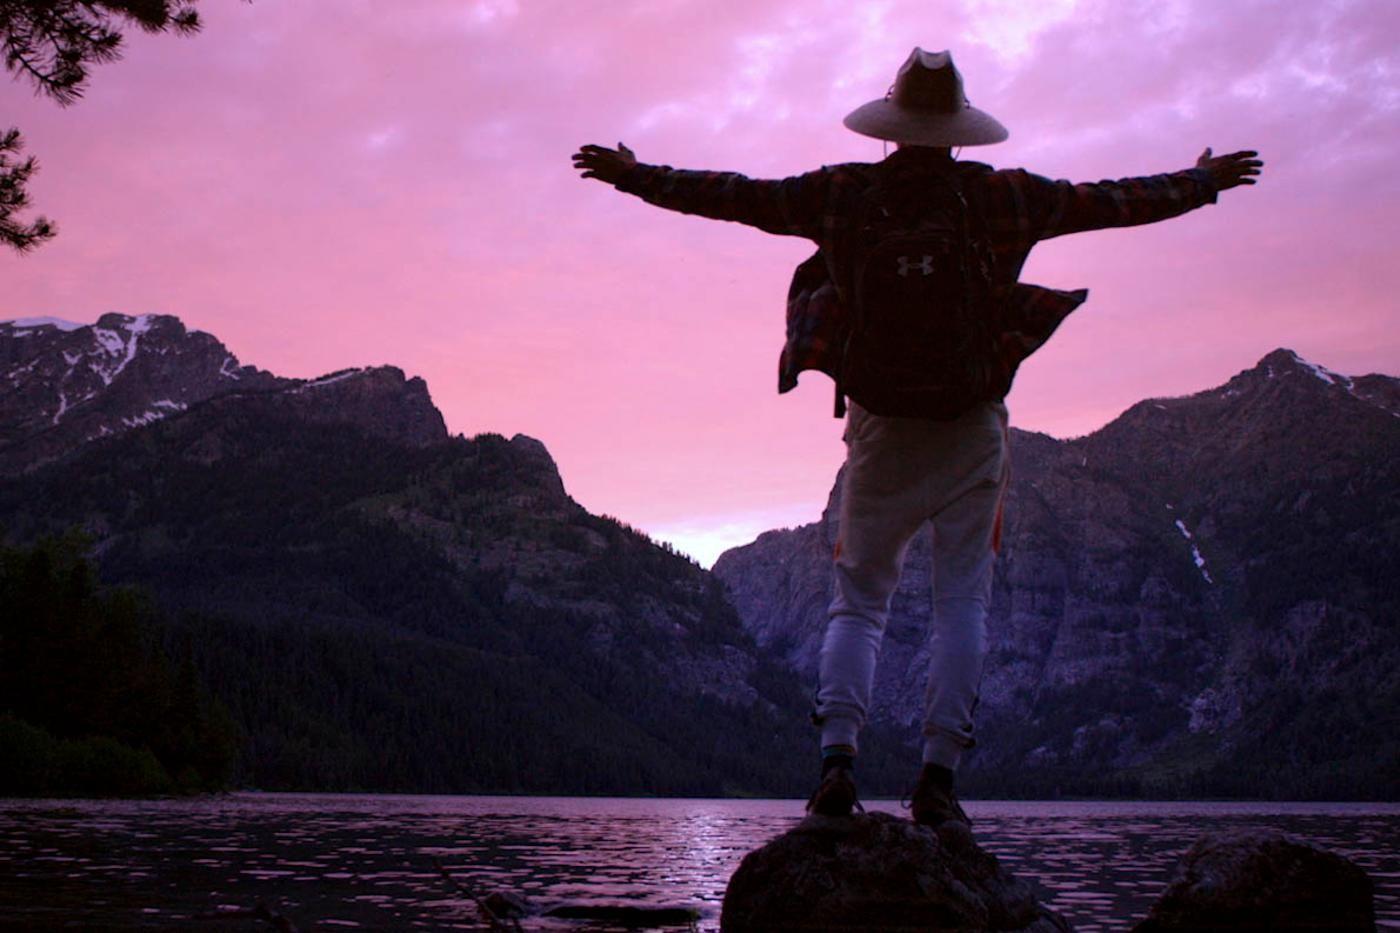 Jared Leto S Epic Yosemite Rock Climbing Trip Yosemite Rock Climbing Trip